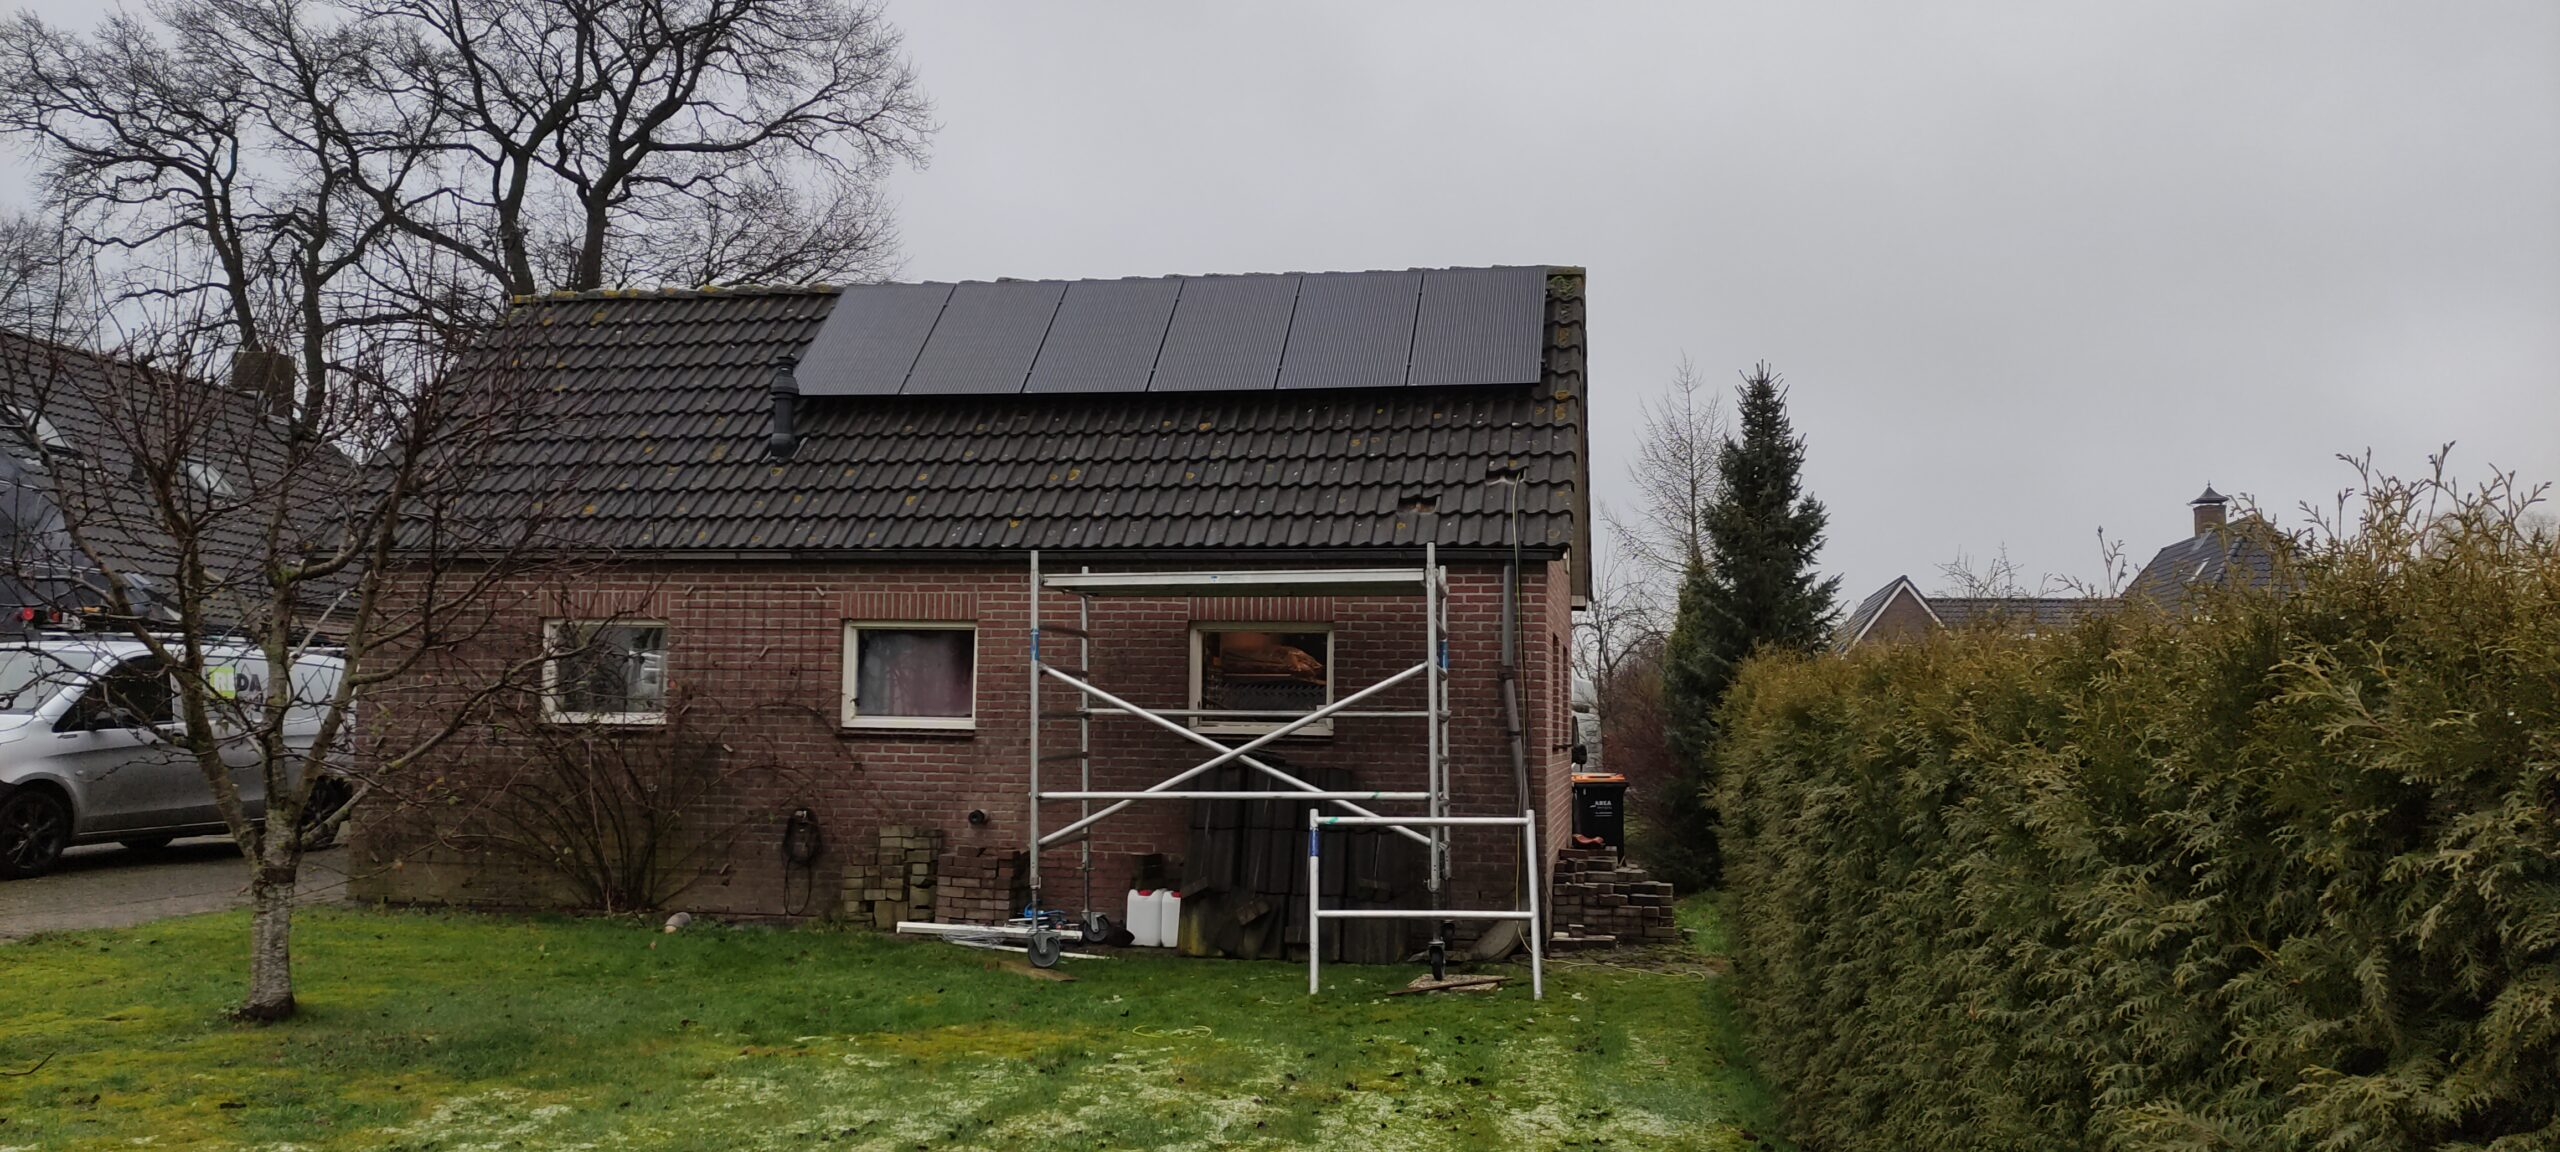 SolarWatt glas glas zonnepanelen Hollandscheveld